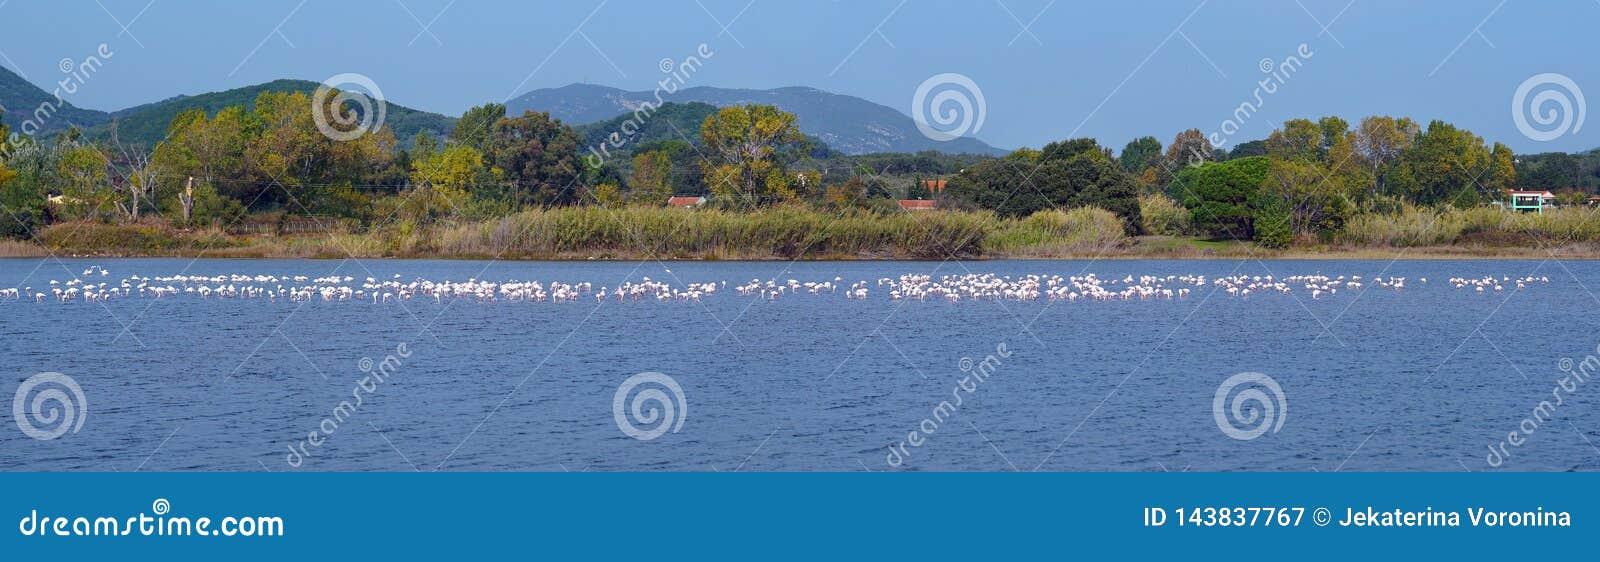 Het meer Korission is een zeer belangrijk ecosysteem van Korfu, waar vele trekvogels zoals roze flamingo s ophouden